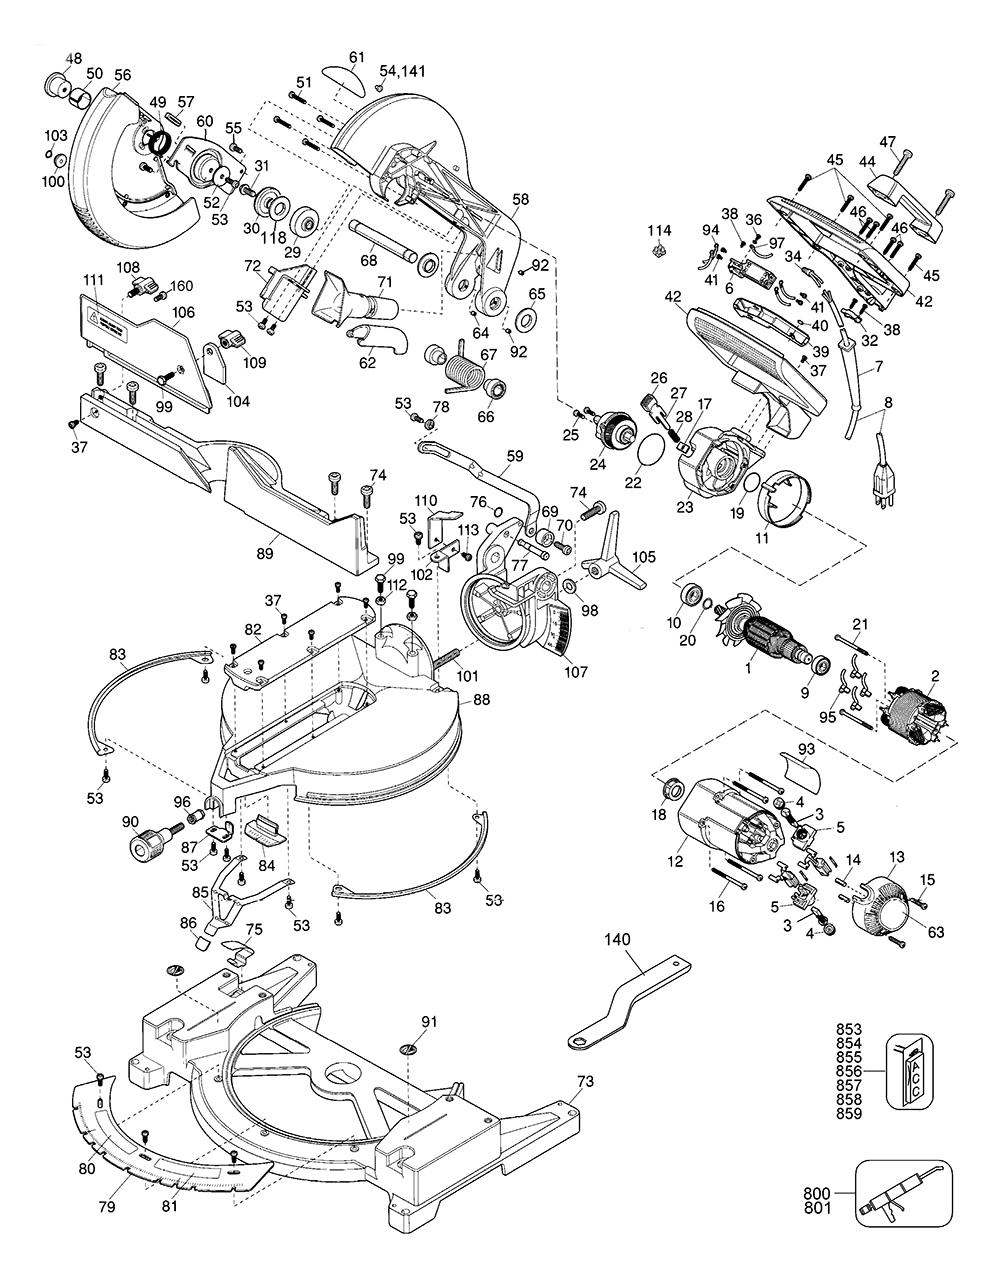 Buy dewalt dw705 44 type 2 replacement tool parts dewalt dw705 dewalt dw705 switch kit at dewalt dw705 44 type 2 parts schematic